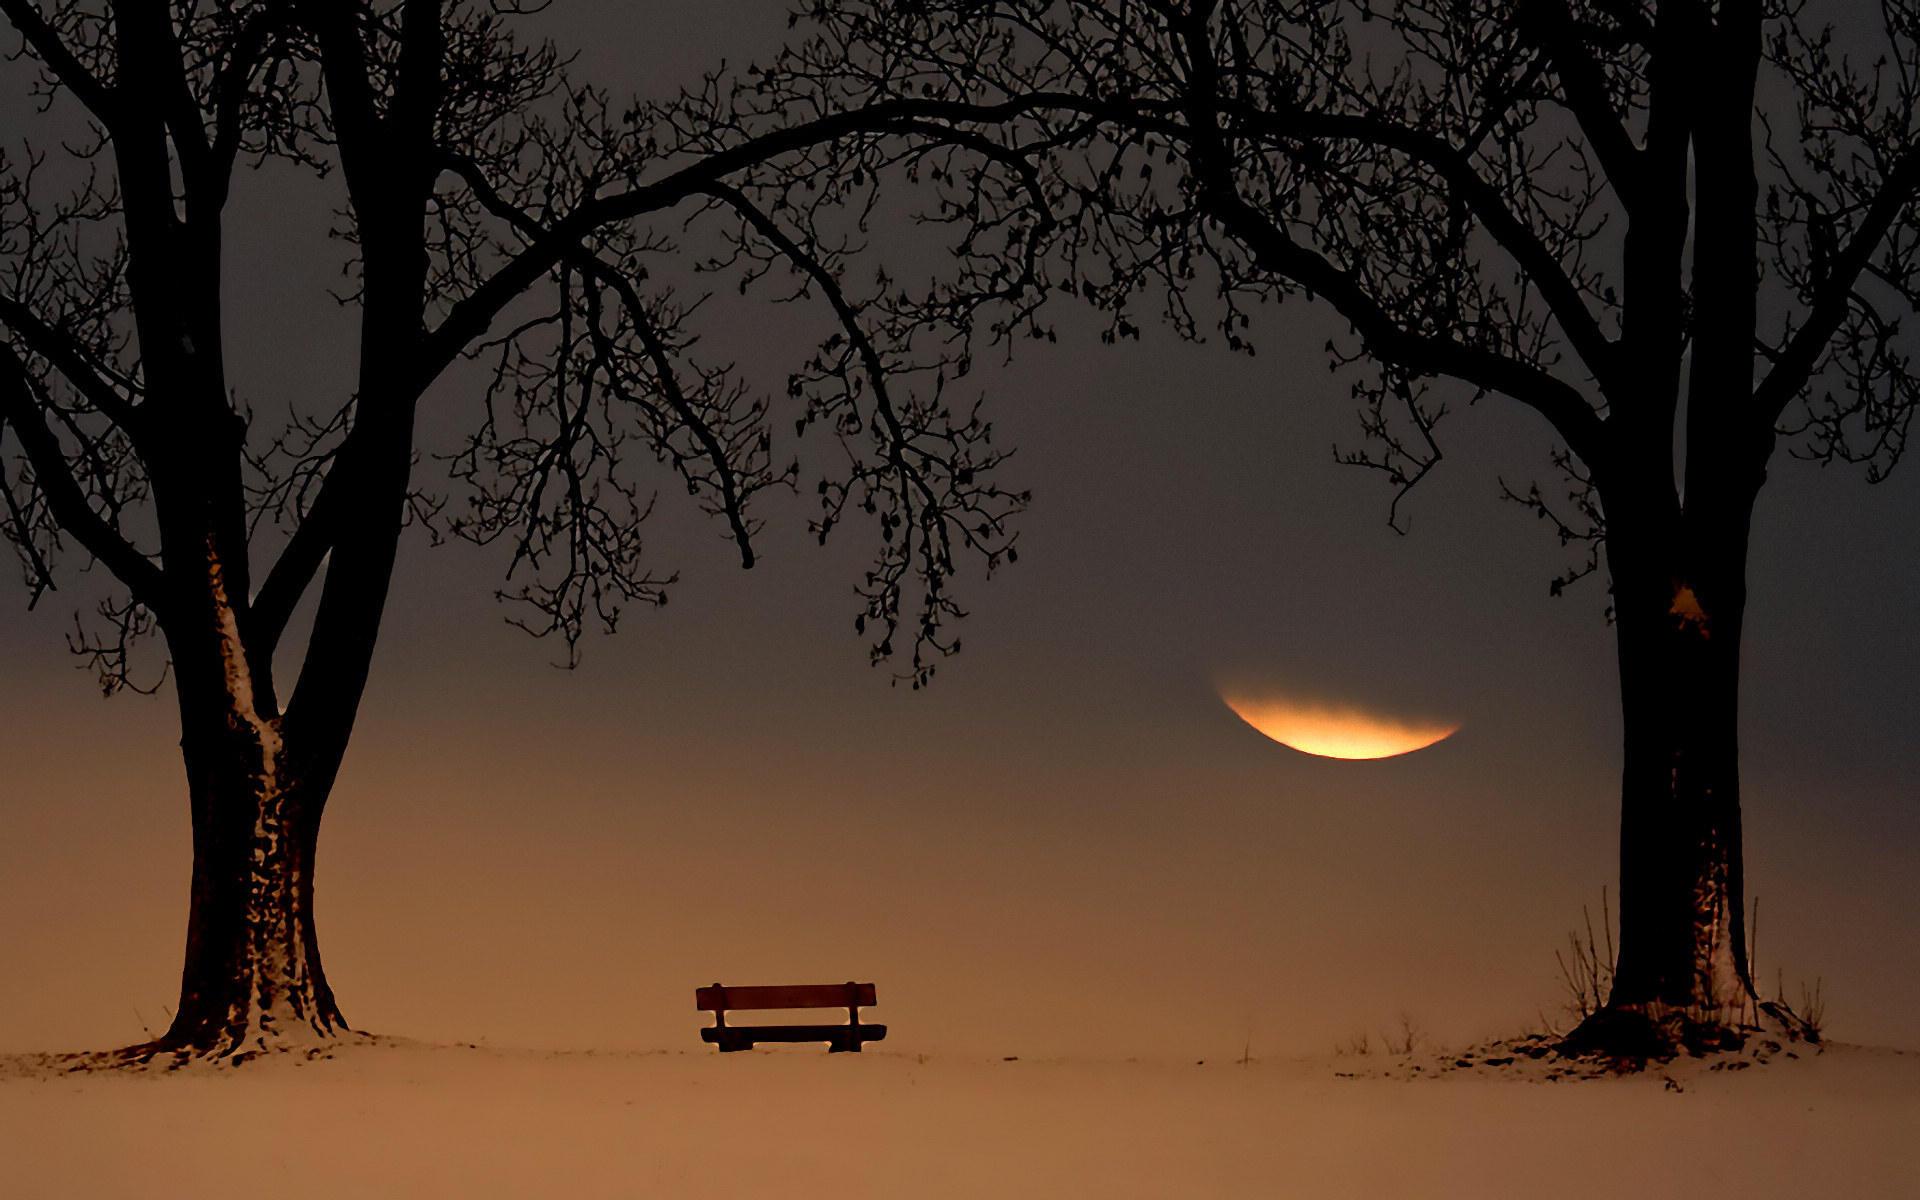 一个温柔了岁月,一个惊艳了时光